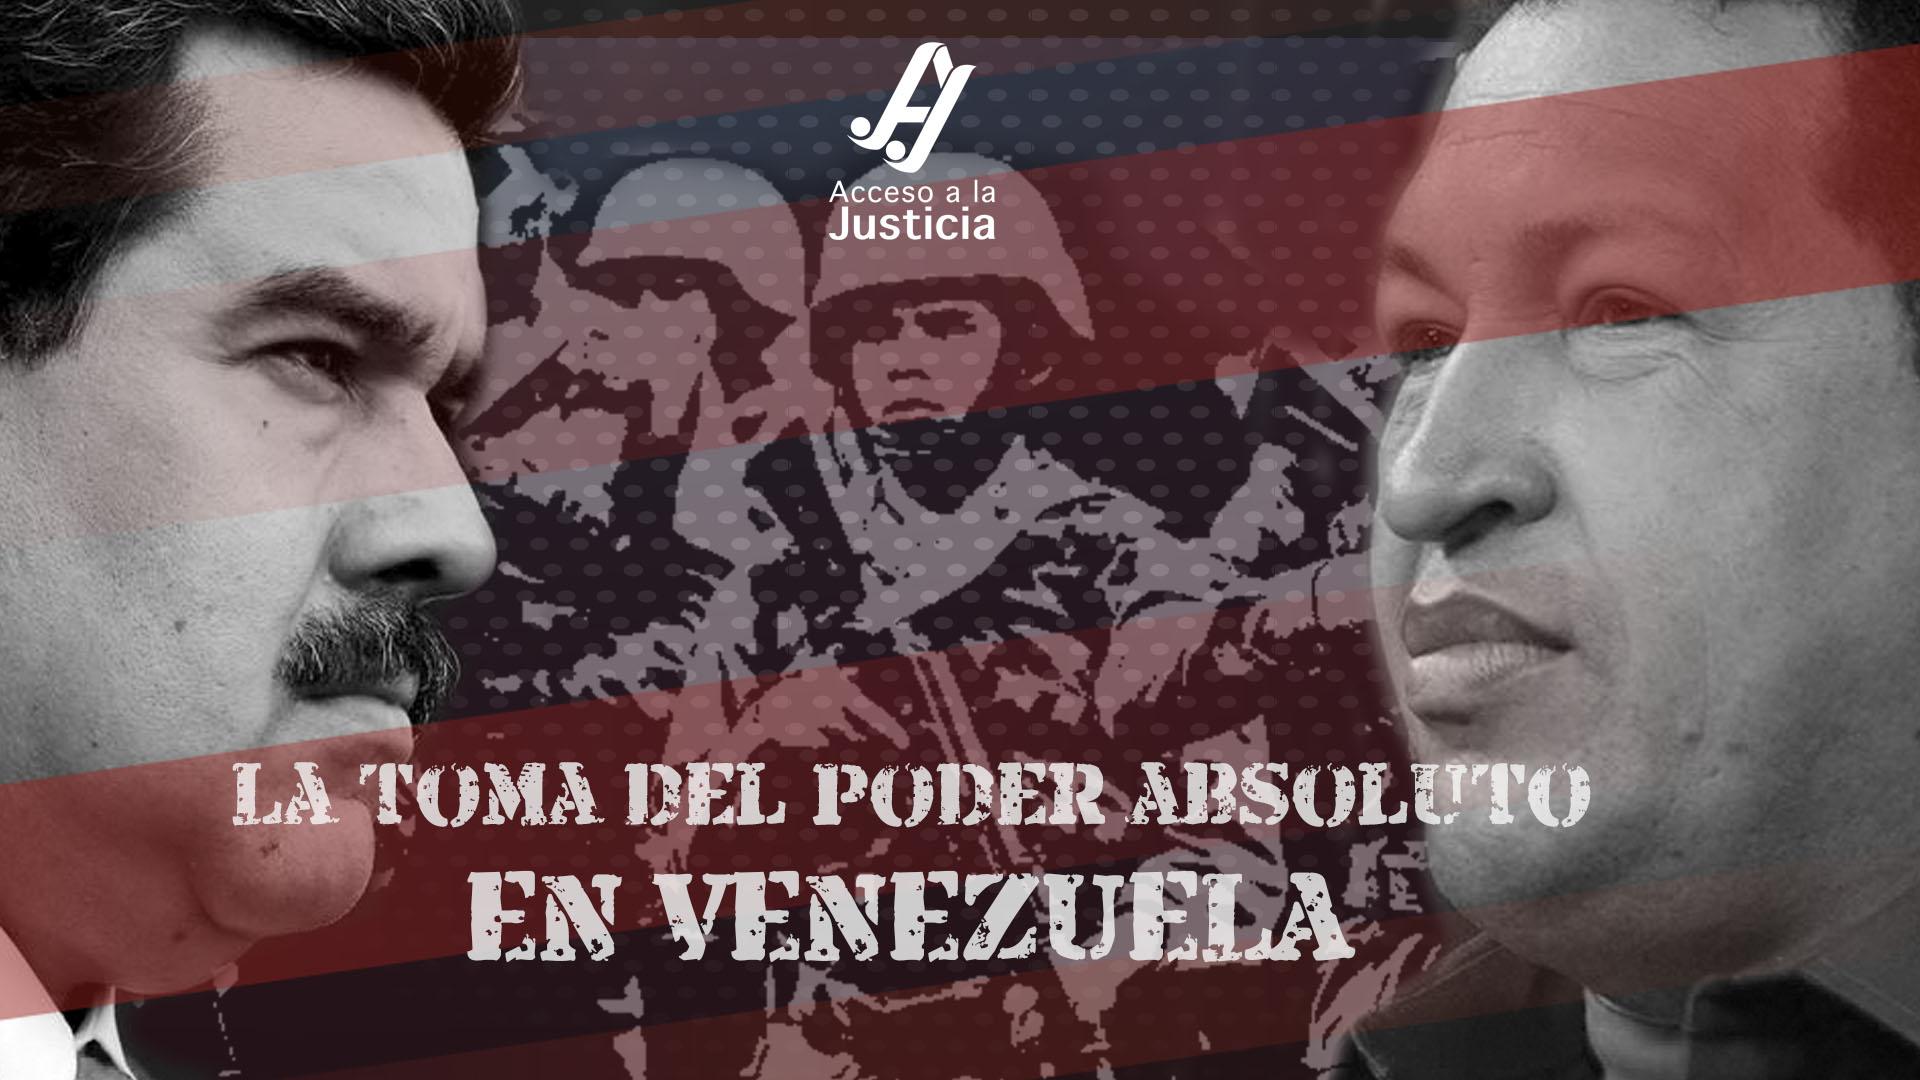 La toma del poder absoluto en Venezuela